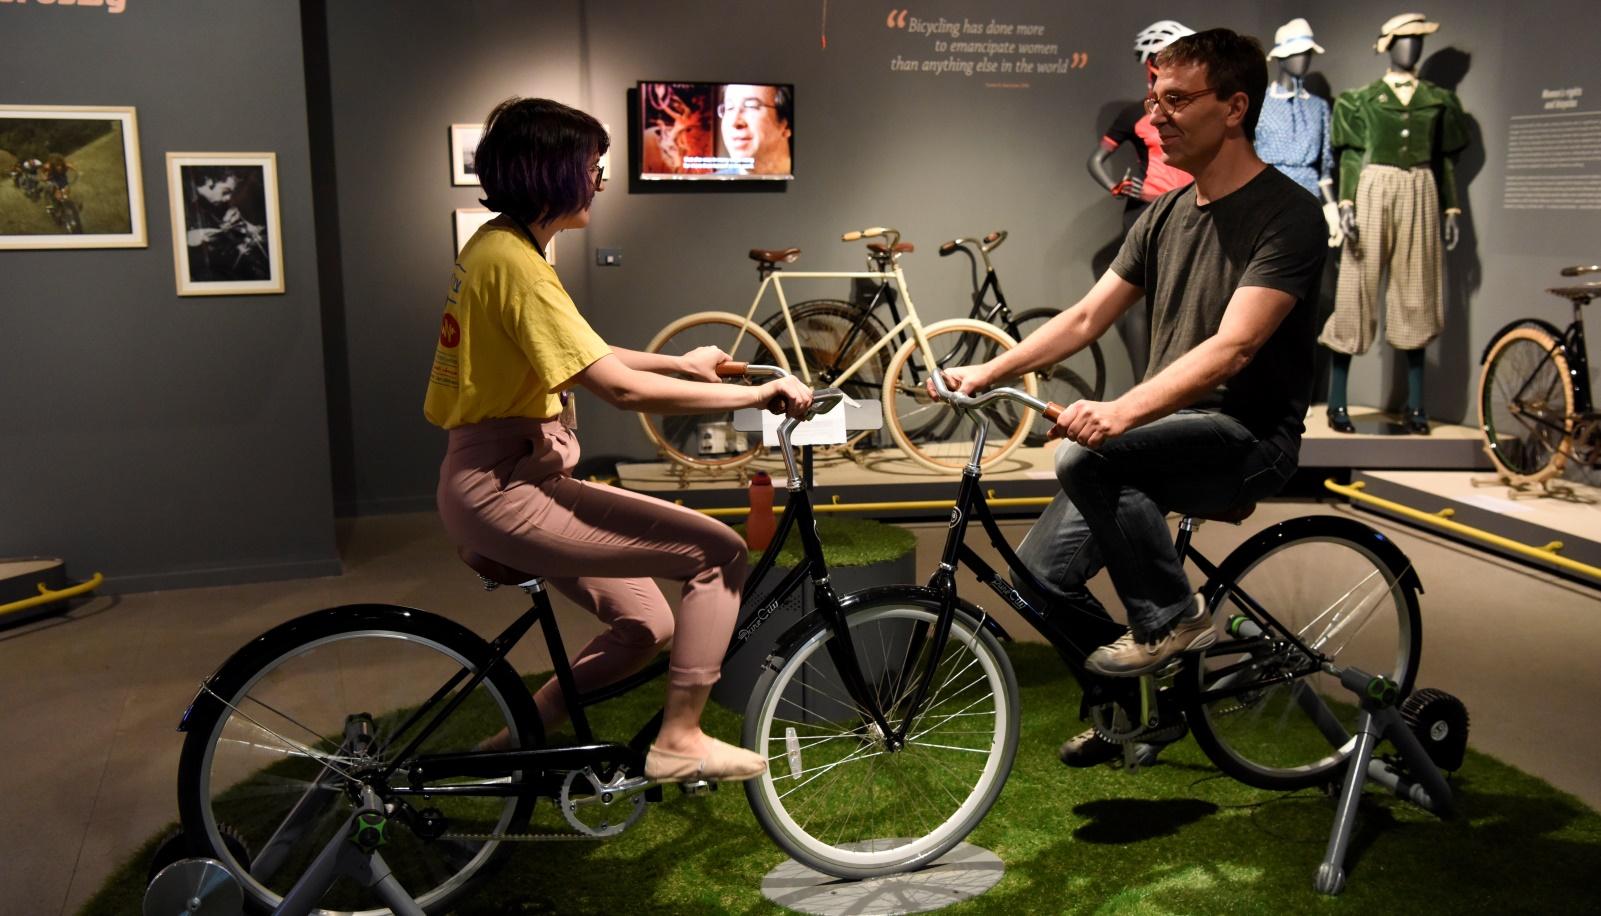 kidsmuseum-bloomfieldbike.jpg